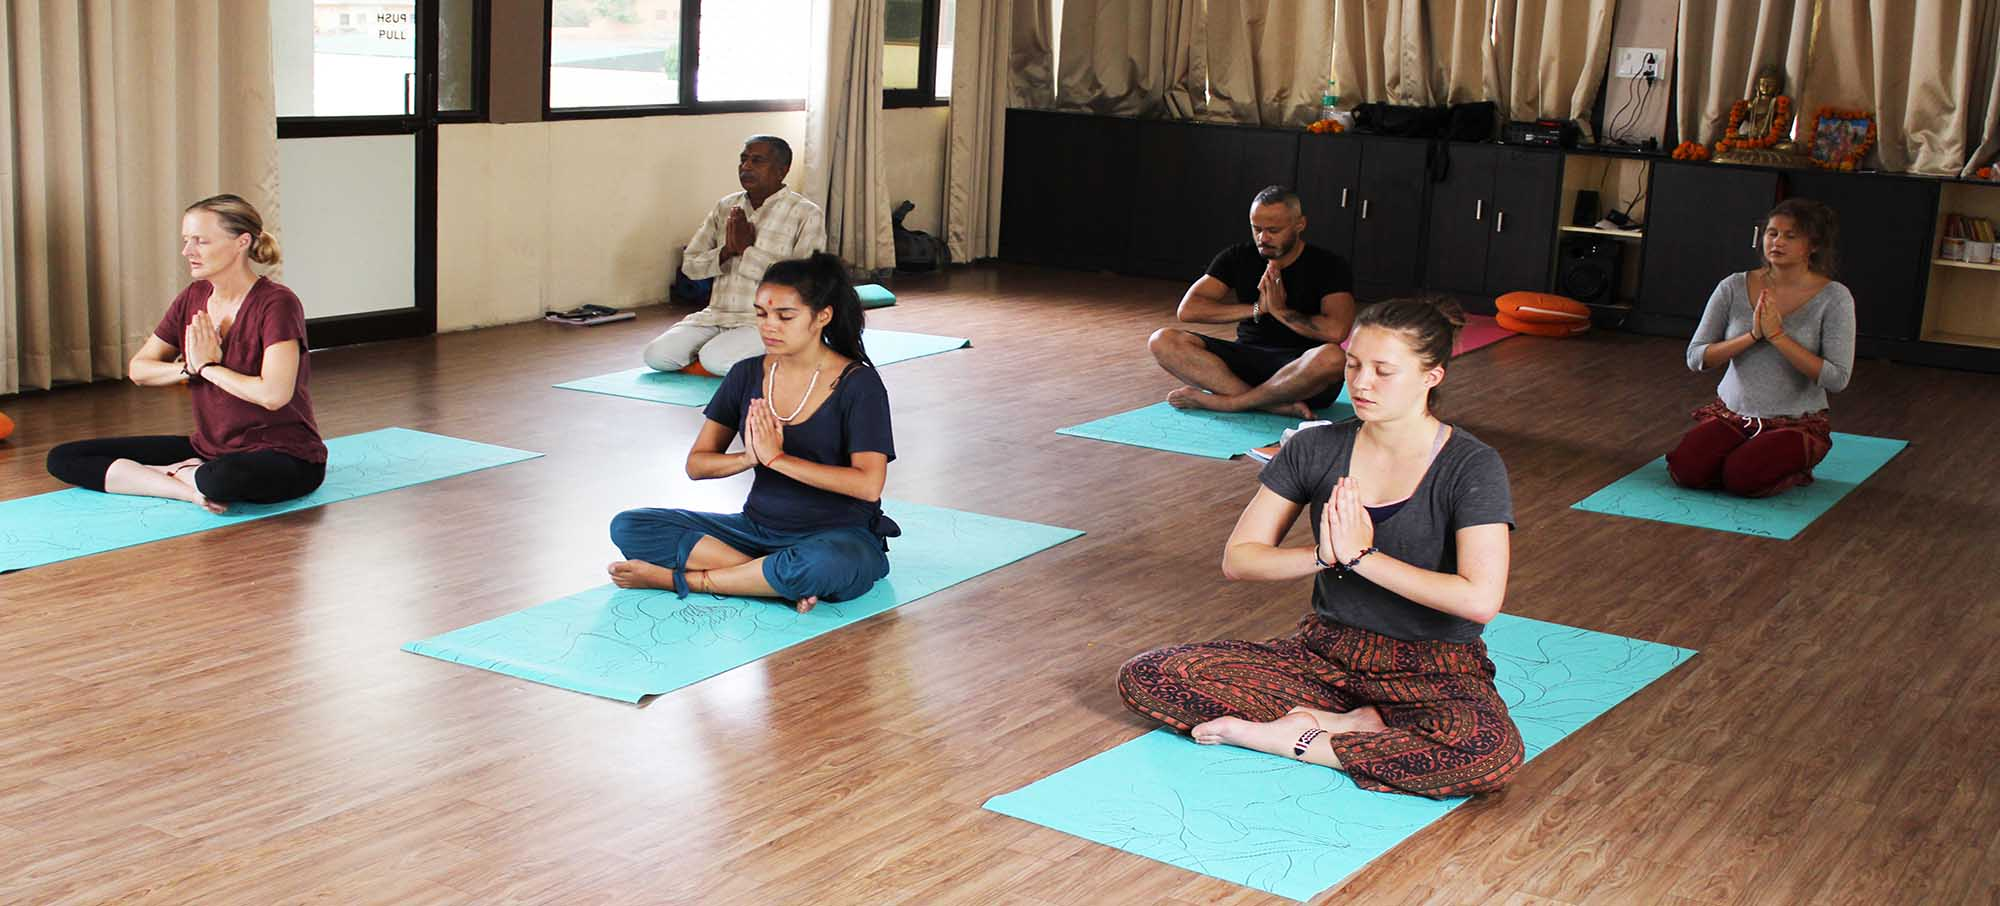 vishwa_shanti_yoga_school.jpg